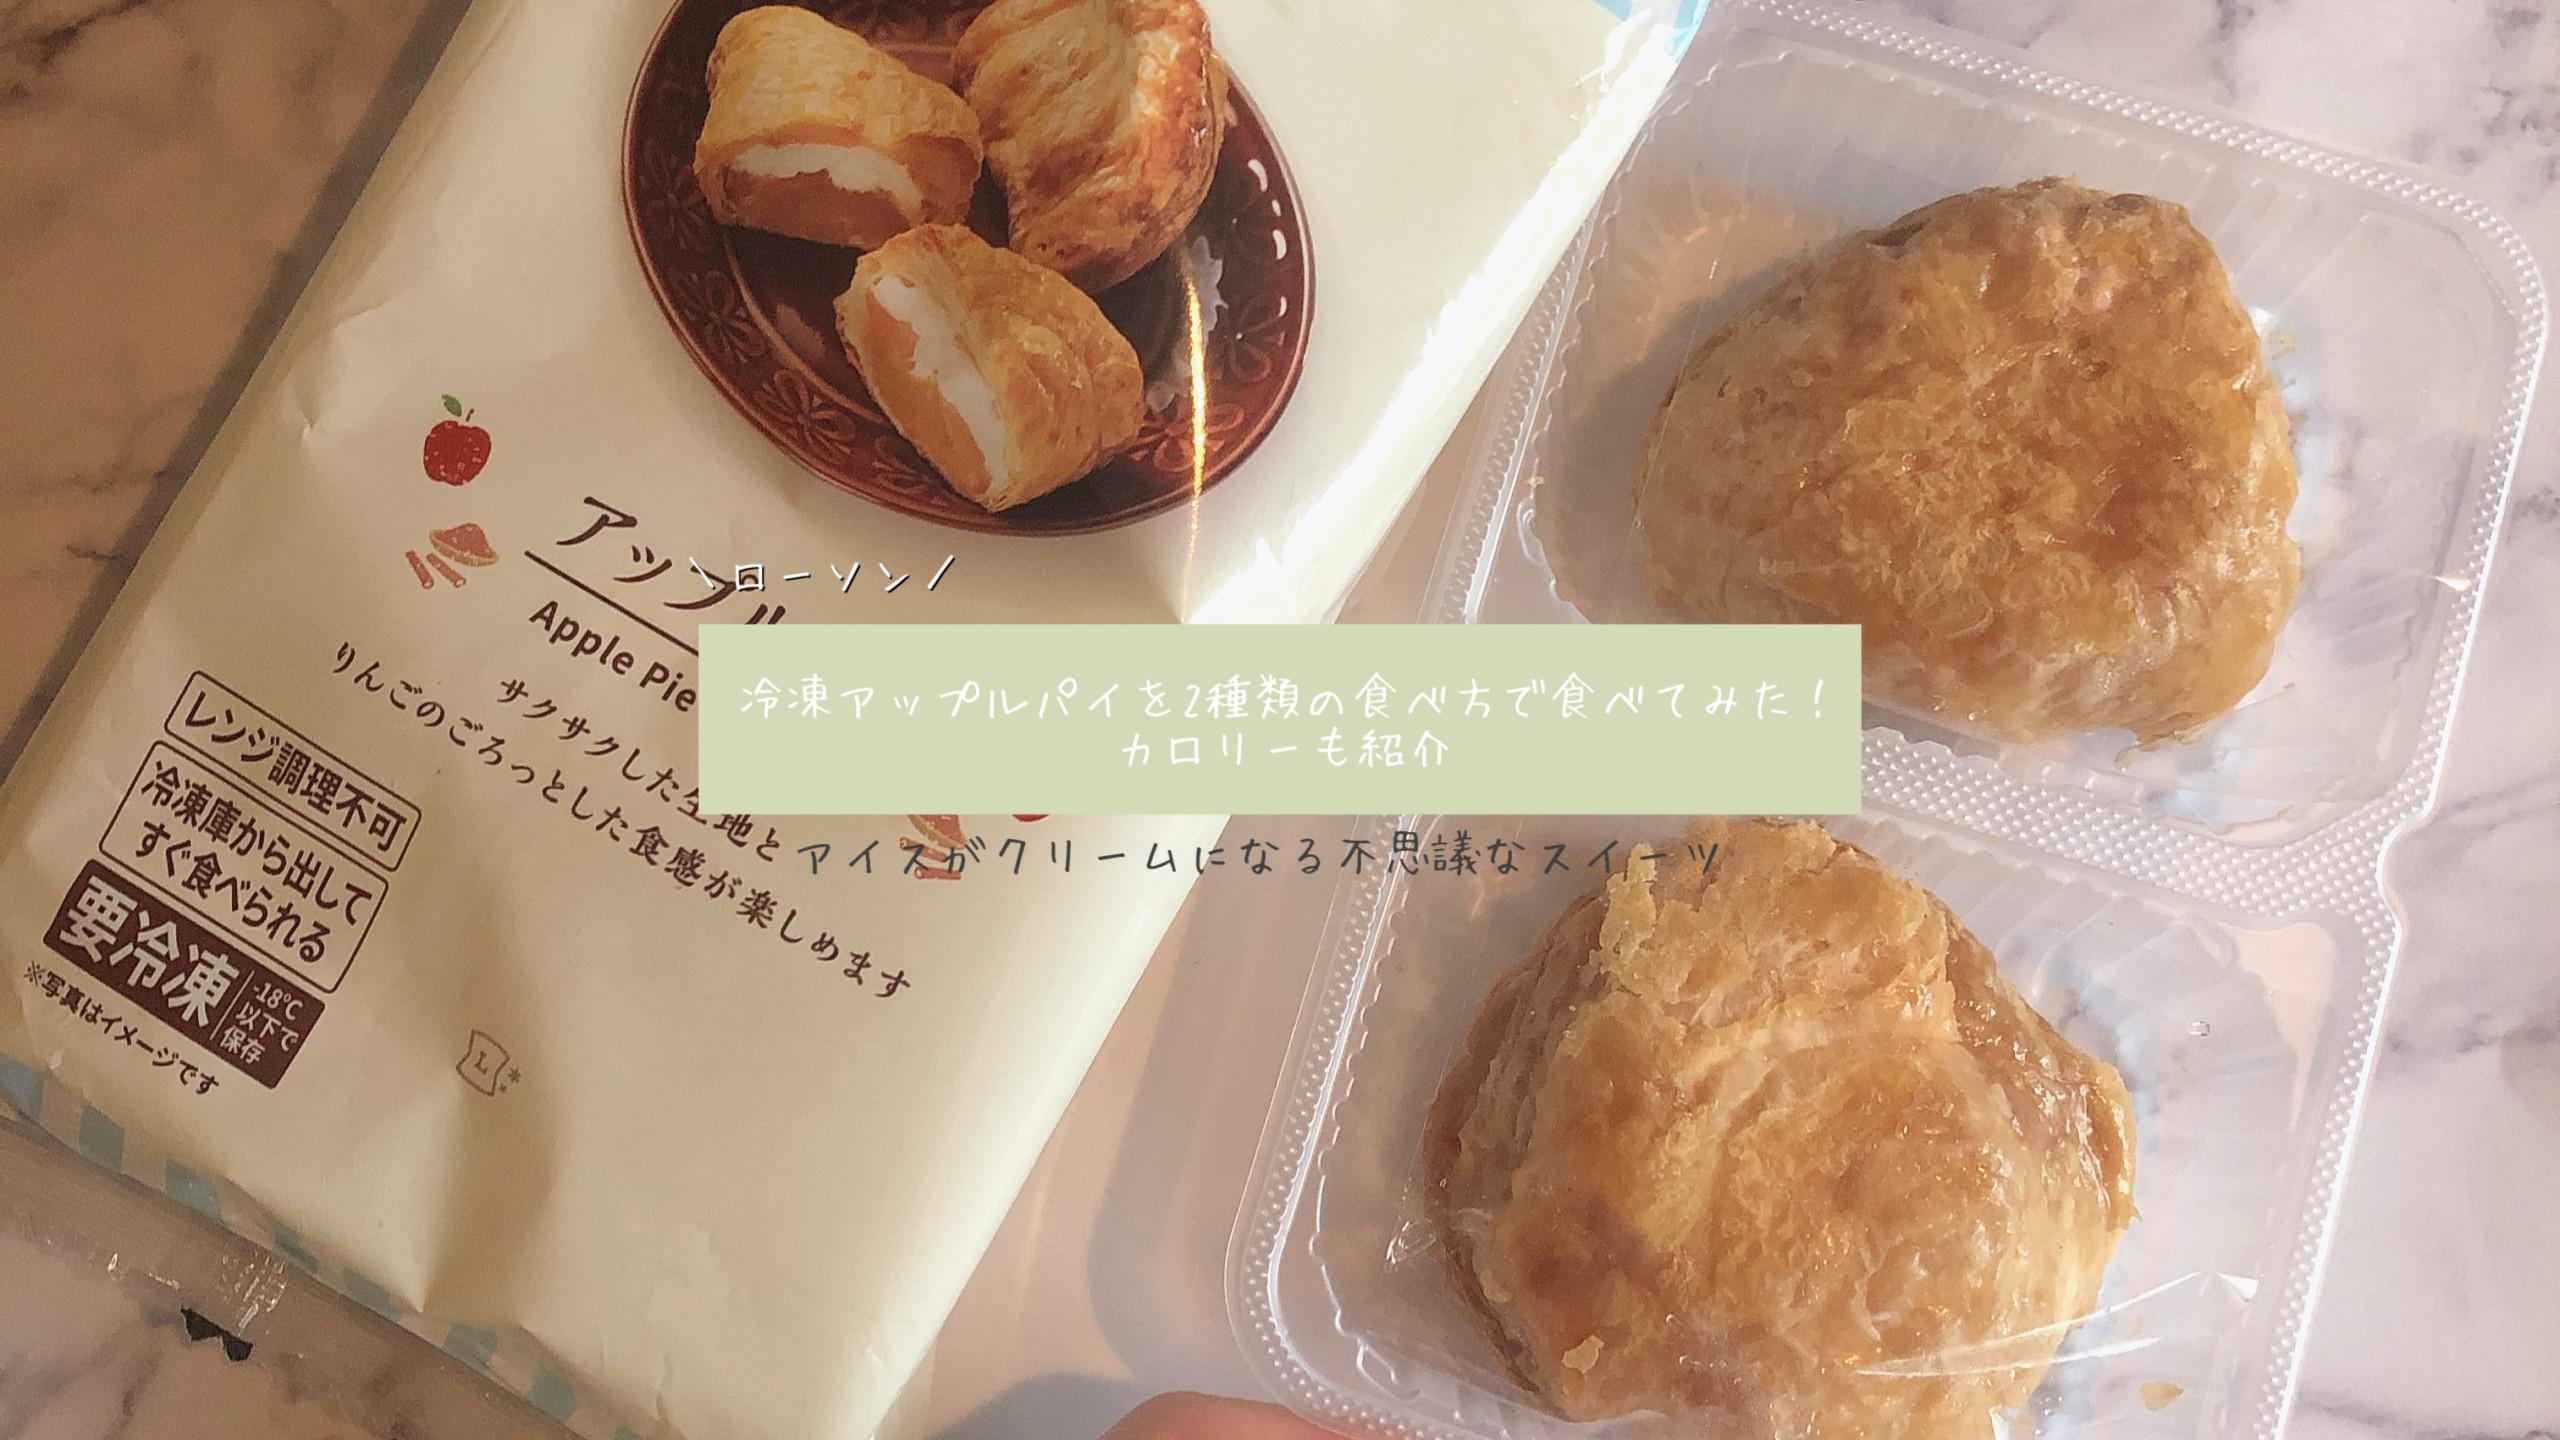 ローソンの冷凍アップルパイを2種類の食べ方で食べてみた!カロリーも紹介